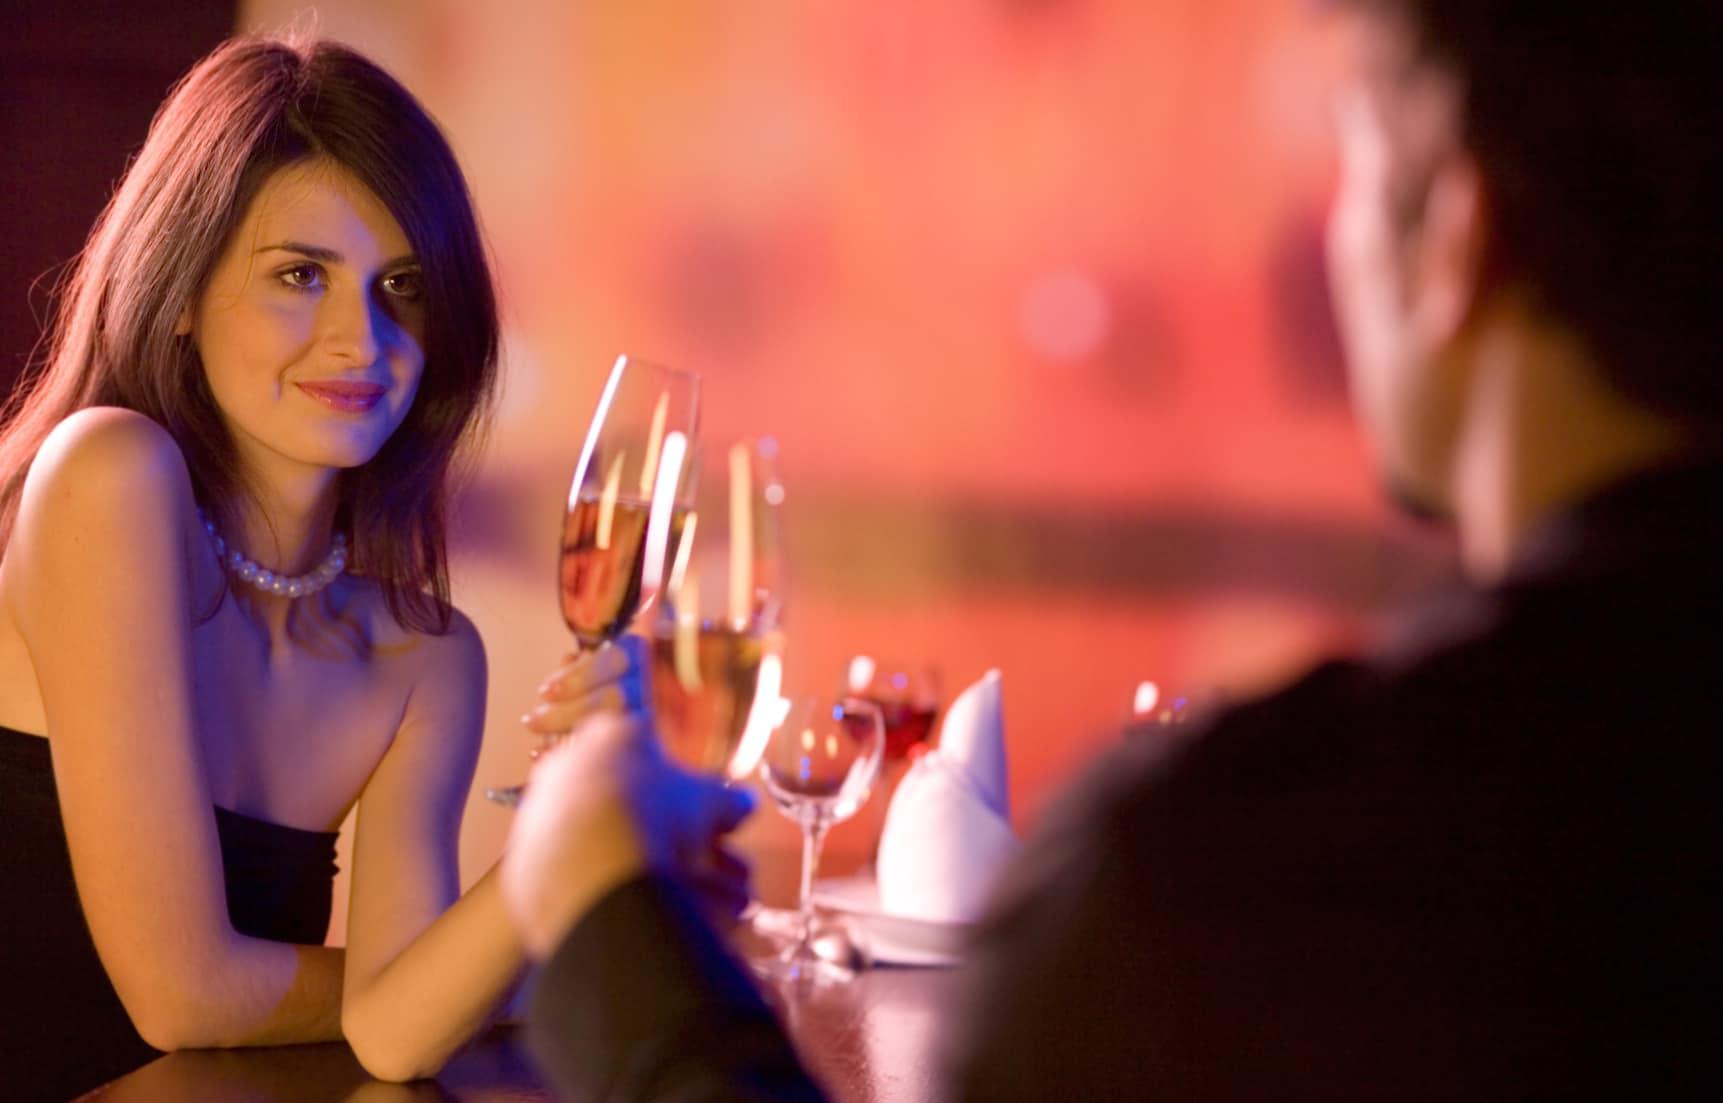 Eine Dame sitzt mit einem Mann in einem Restaurant und beide stossen mit einem Glas Wein an. Sie hat einen sehr ausgeprägten und selbstbewussten Blick. Mit dem Programm der unibee Institute, hat die Frau eine ausgeglichene Wohlfühlbalance bekommen und zeigt diese auch deutlich in der Öffentlichkeit. Die Frau hat lange braune Haare und ist mit einem schwarzen Abendkleid bekleidet. Der Mann ist nur von hinten zu sehen. Der Hintergrund hat ein rötliches Licht und ist verschwommen, da der Kamerafokus ausschließlich auf der Frau liegt.